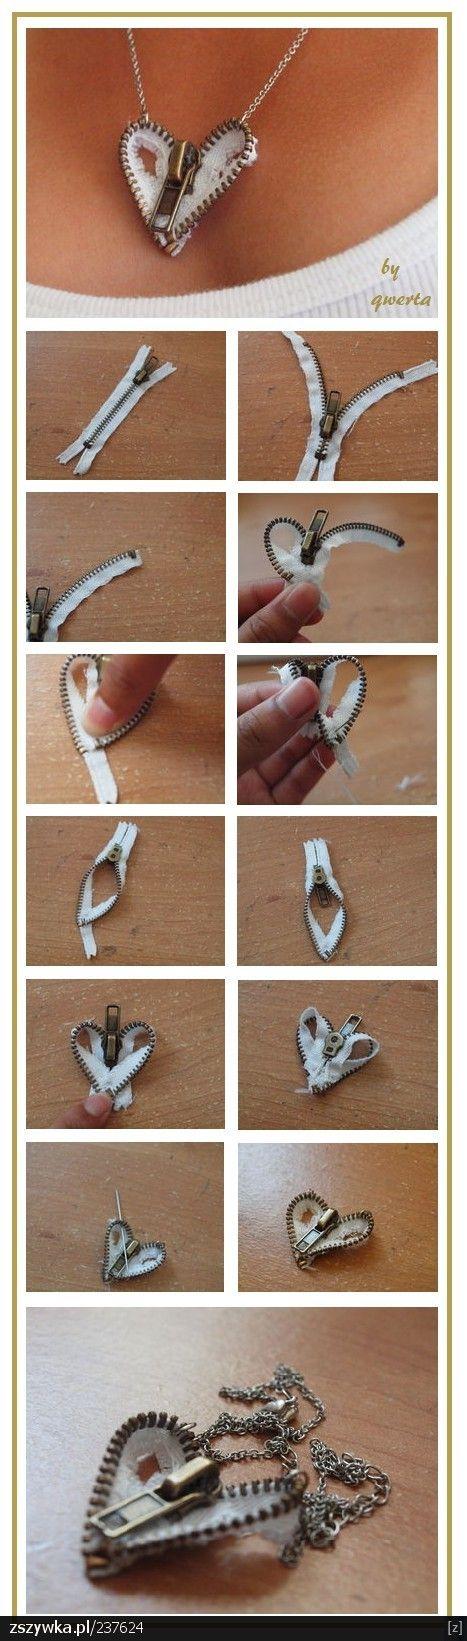 Zipper.: